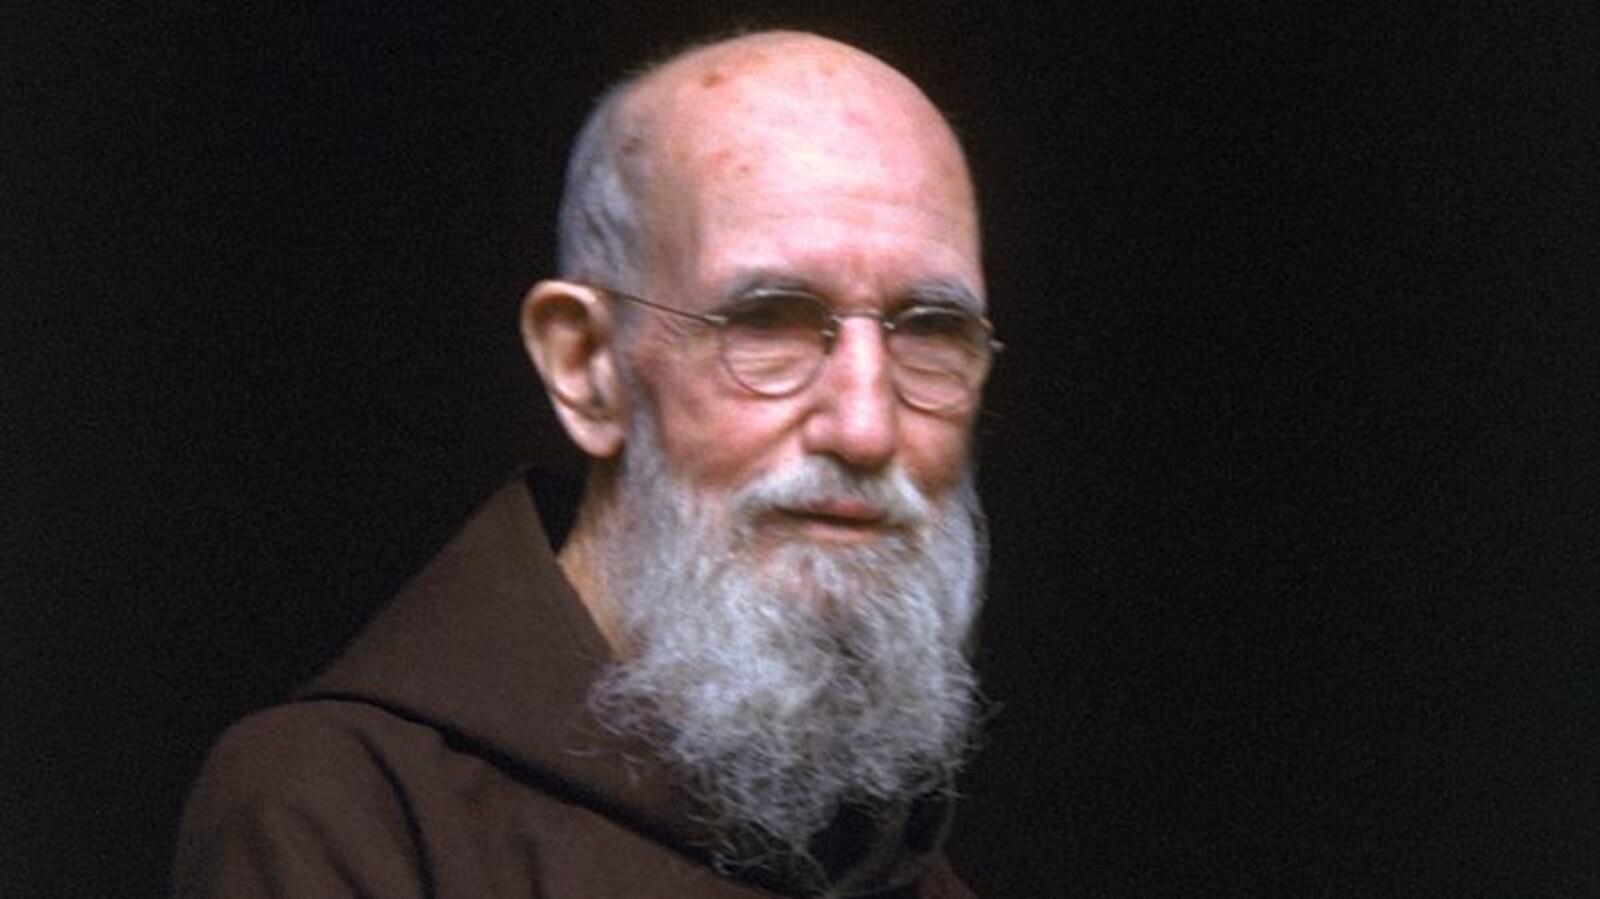 Portrait d'un moine. Il porte des lunettes et une robe de bure.